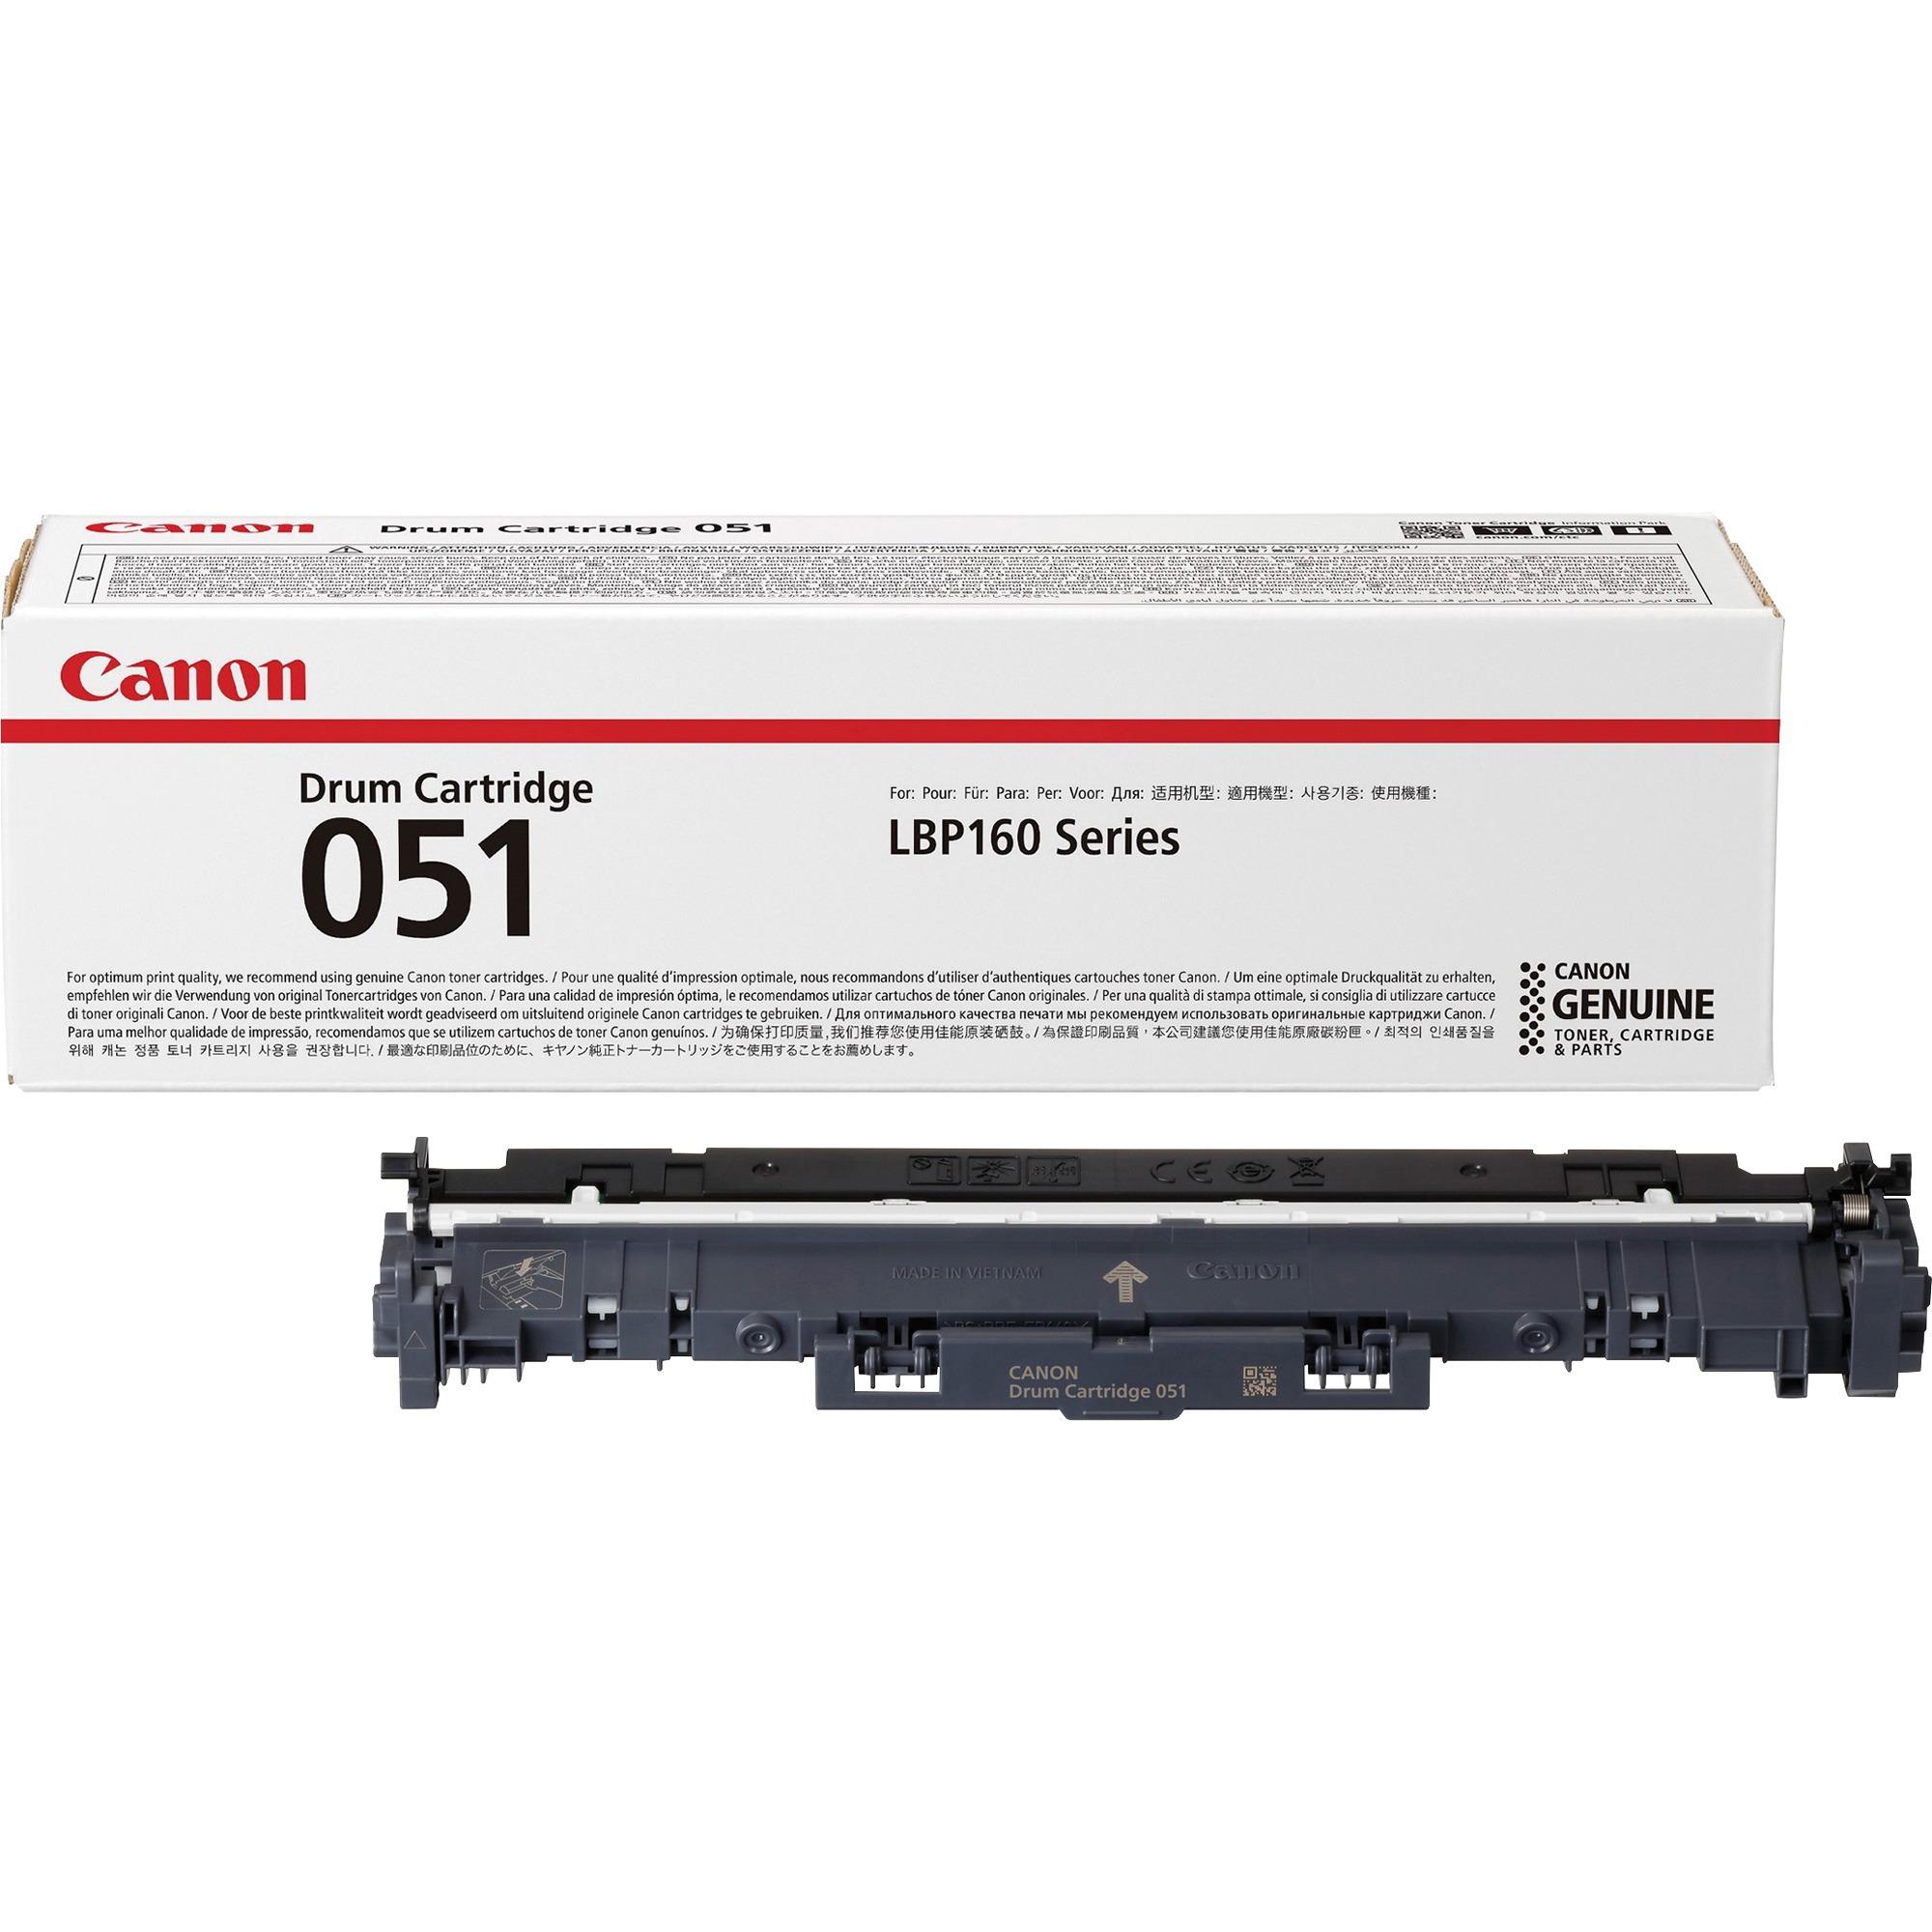 Canon 051 Drum Cartridge